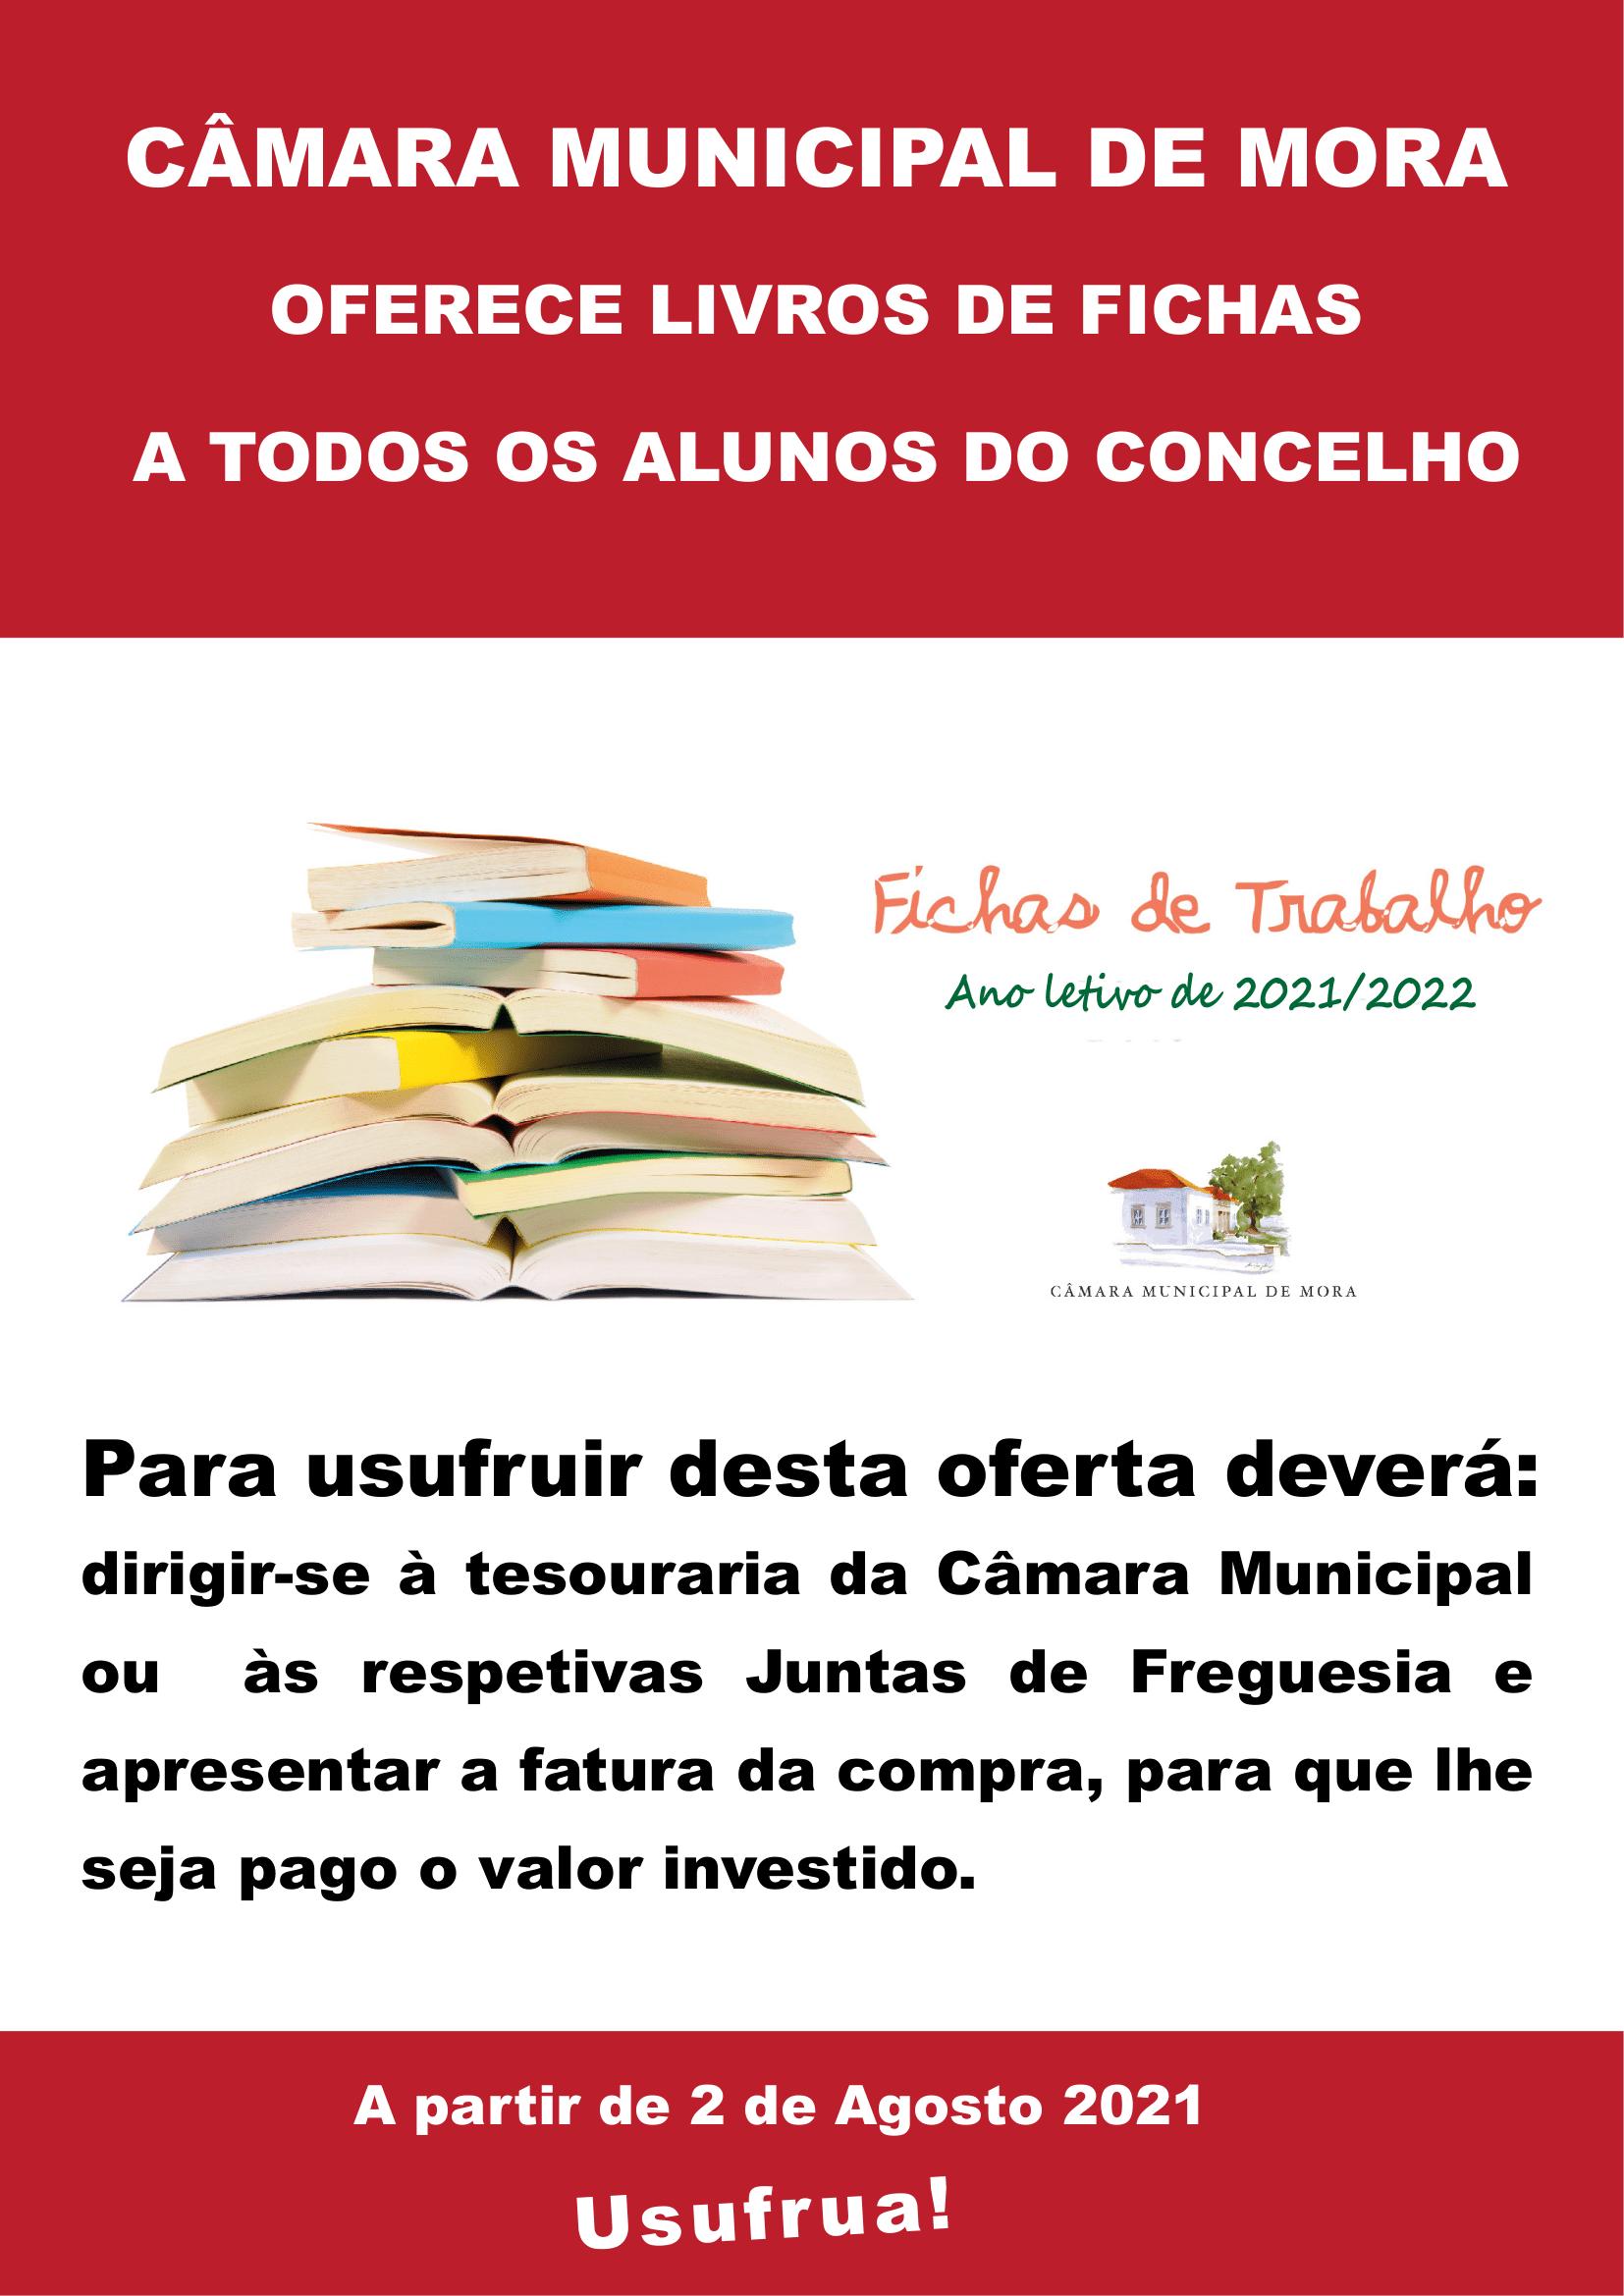 Oferta de Livros de Fichas